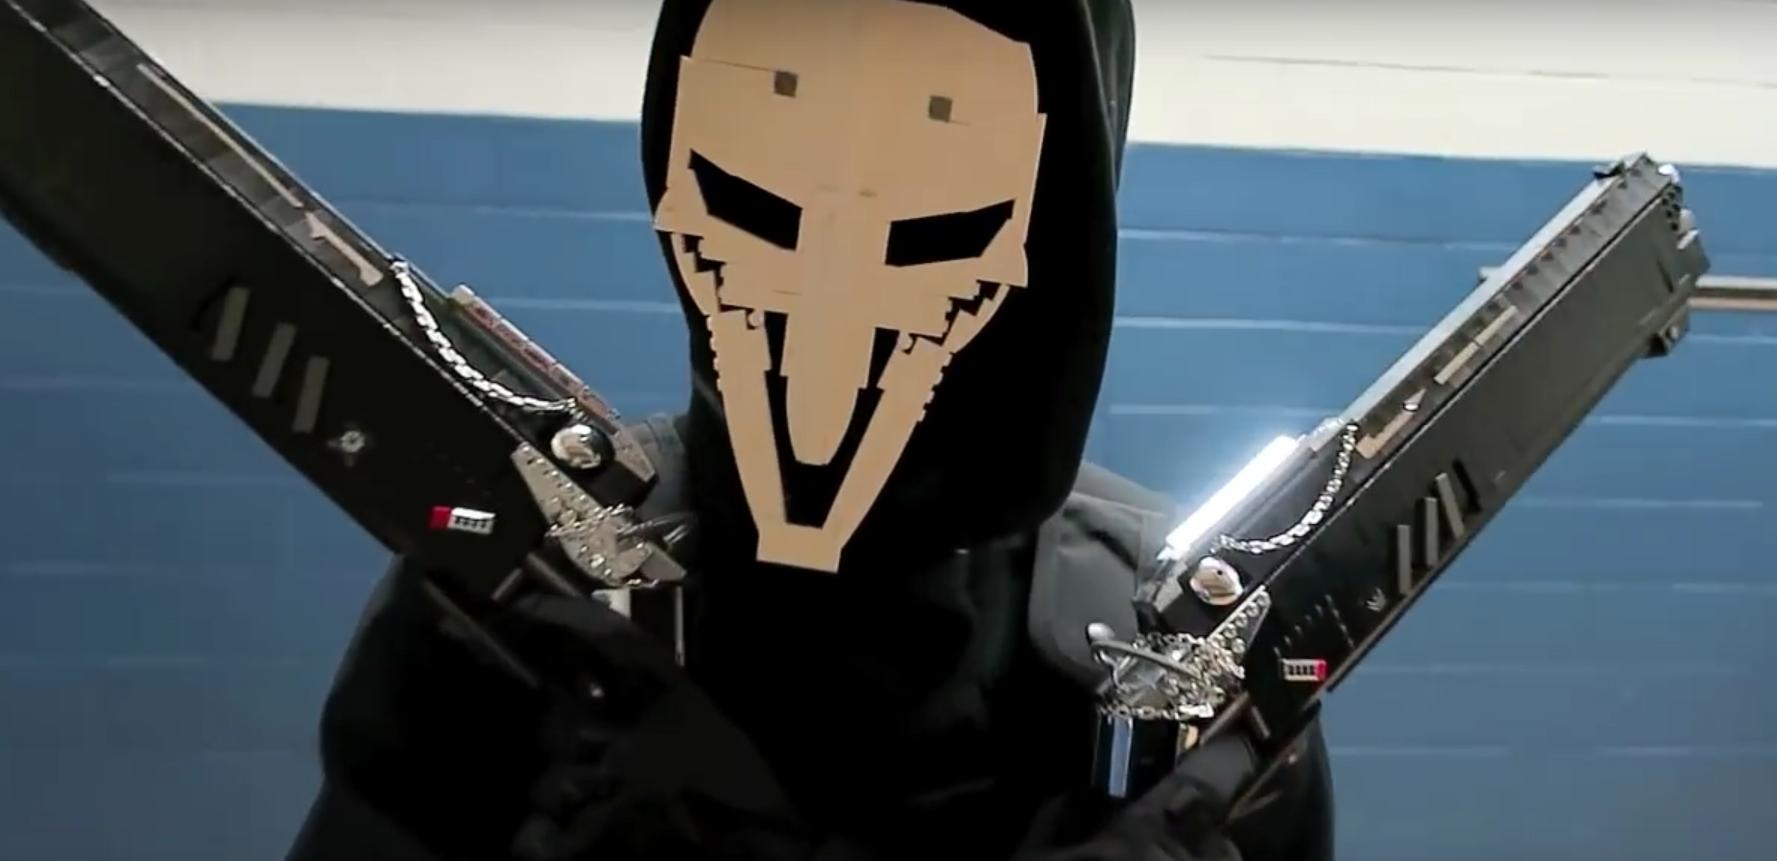 Overwatch: Zu schön zum Wegwerfen – Reapers Shotguns aus LEGO